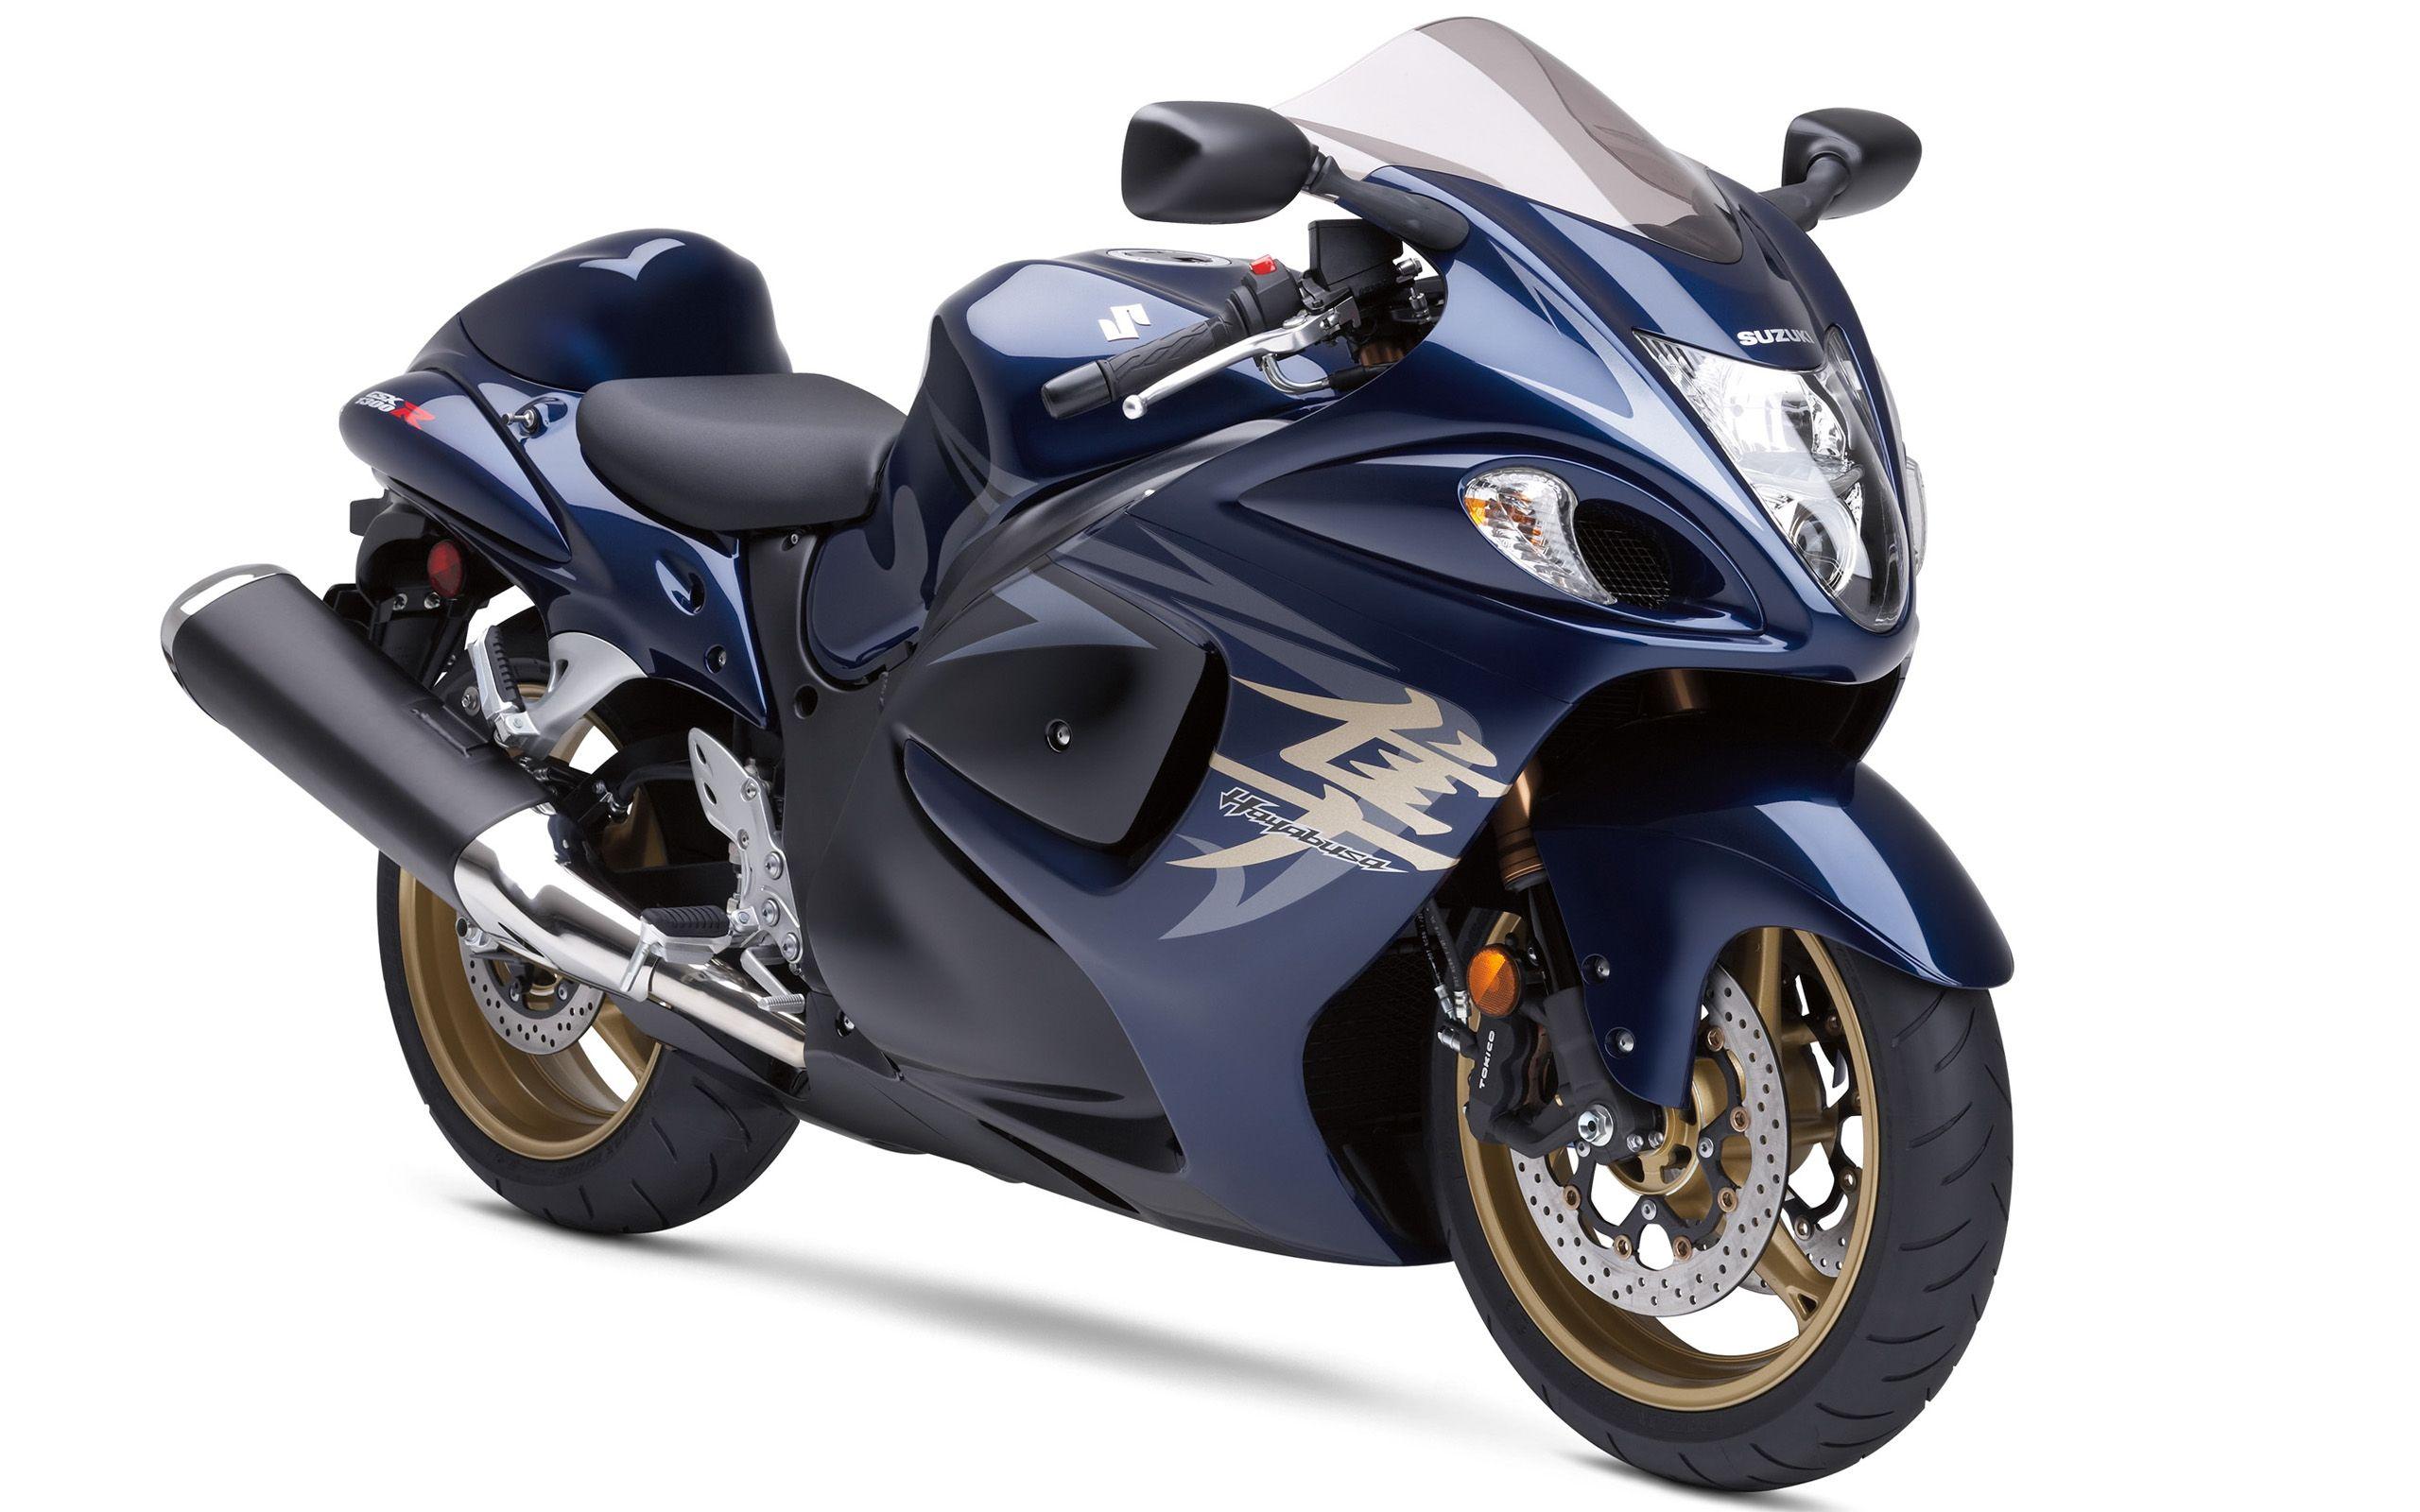 Delicieux Hayabusa Suzuki Blue Bike WallPaper HD   Http://imashon.com/w